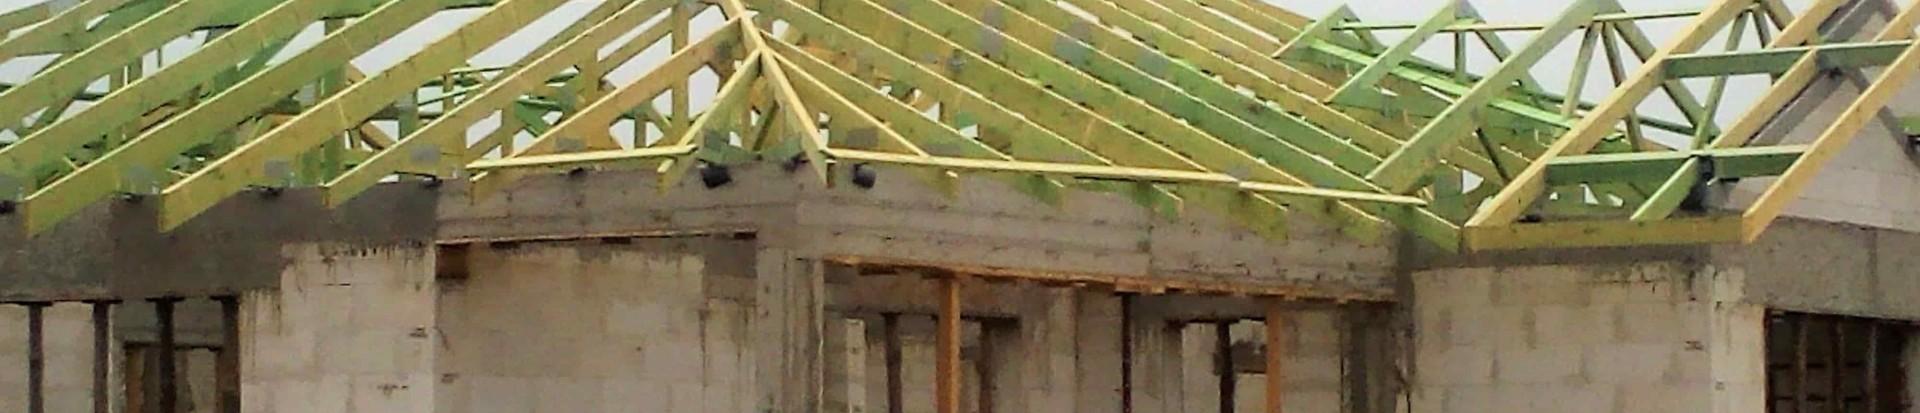 Montaż drewnianej konstrukcji dachowej w miejscowości Wolica